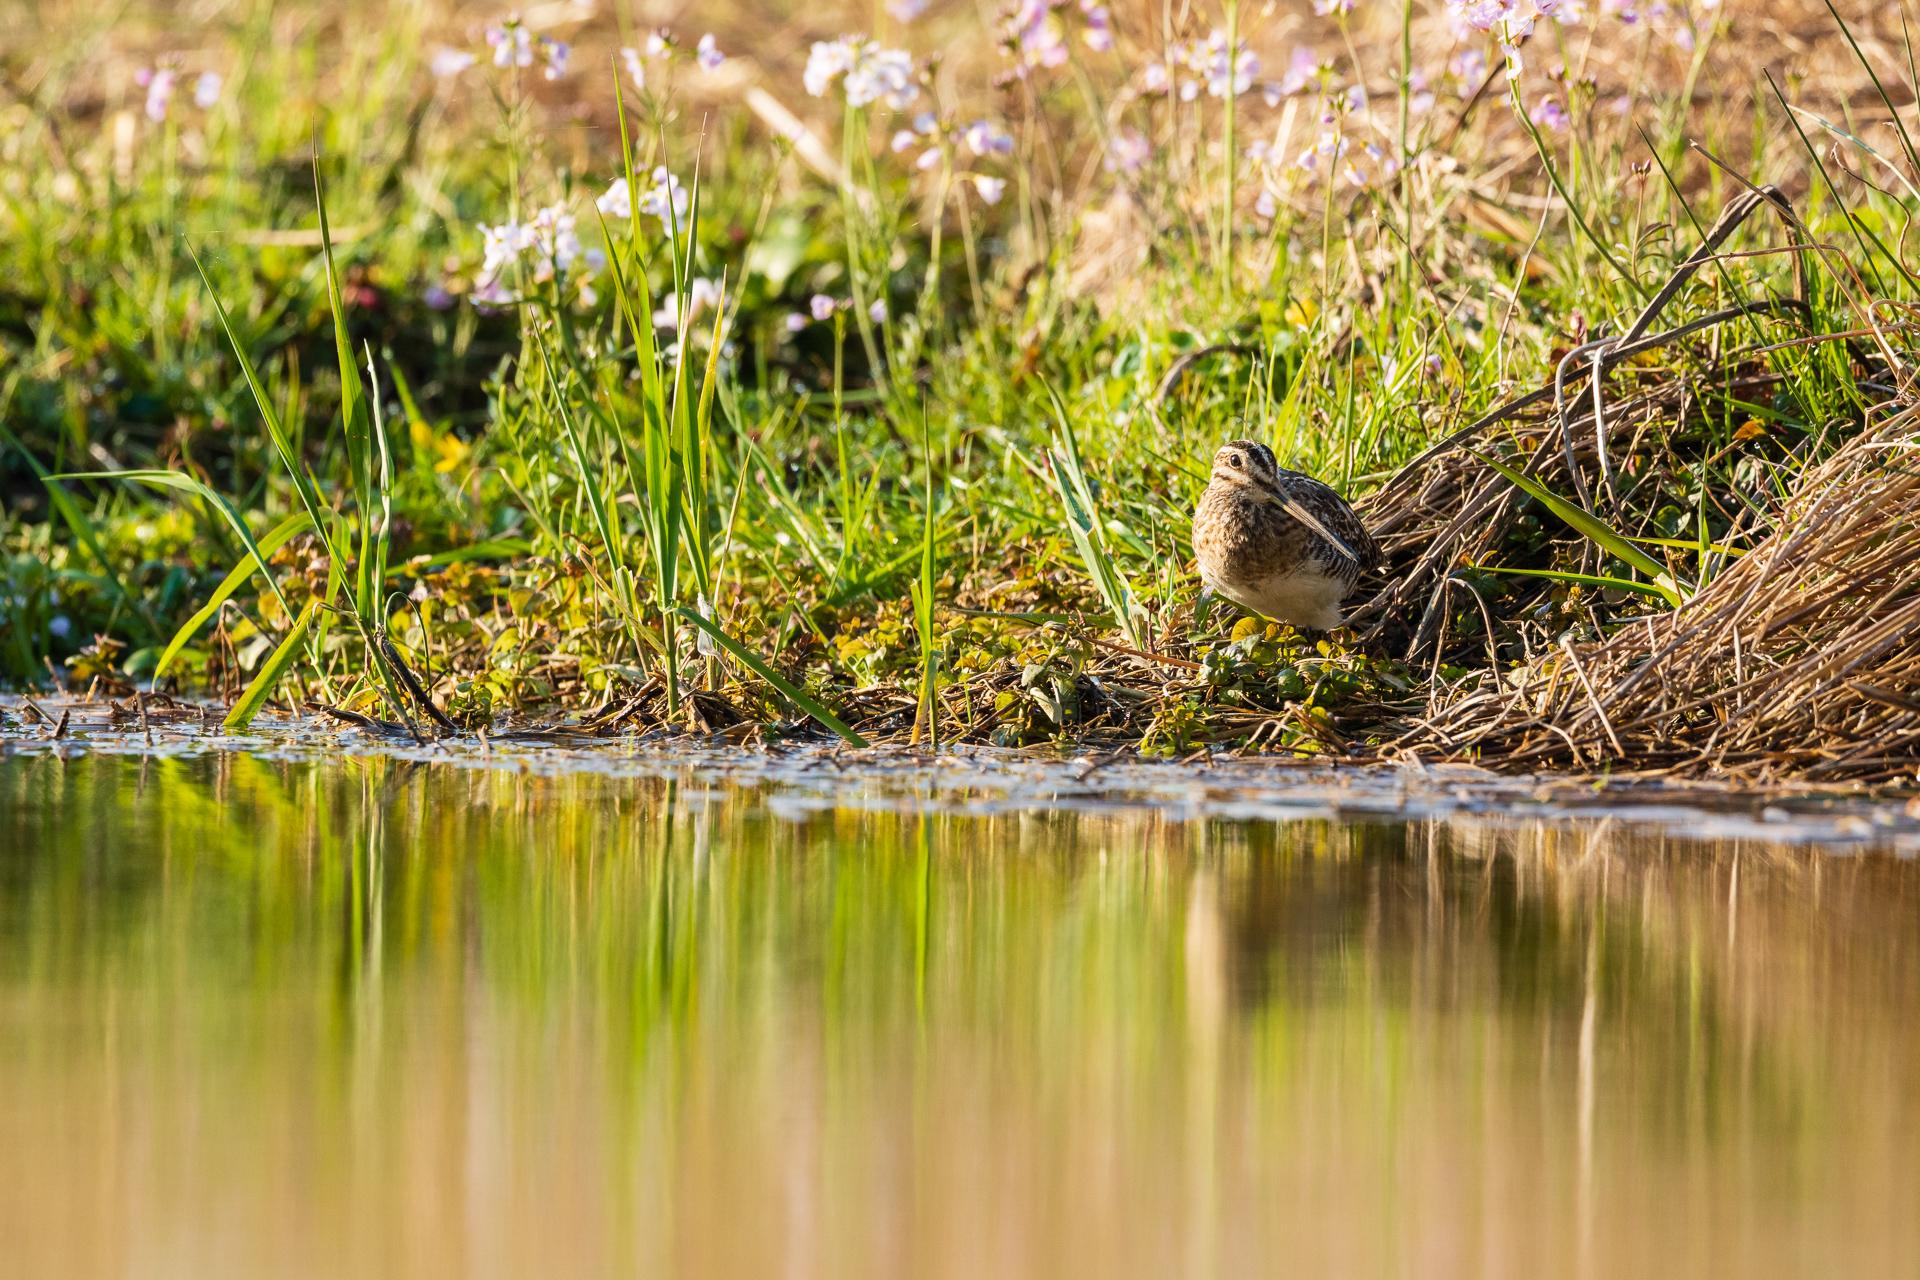 Eine Bekassine (Gallinago gallinago) im Uferbereich / Foto: Andreas Sebald